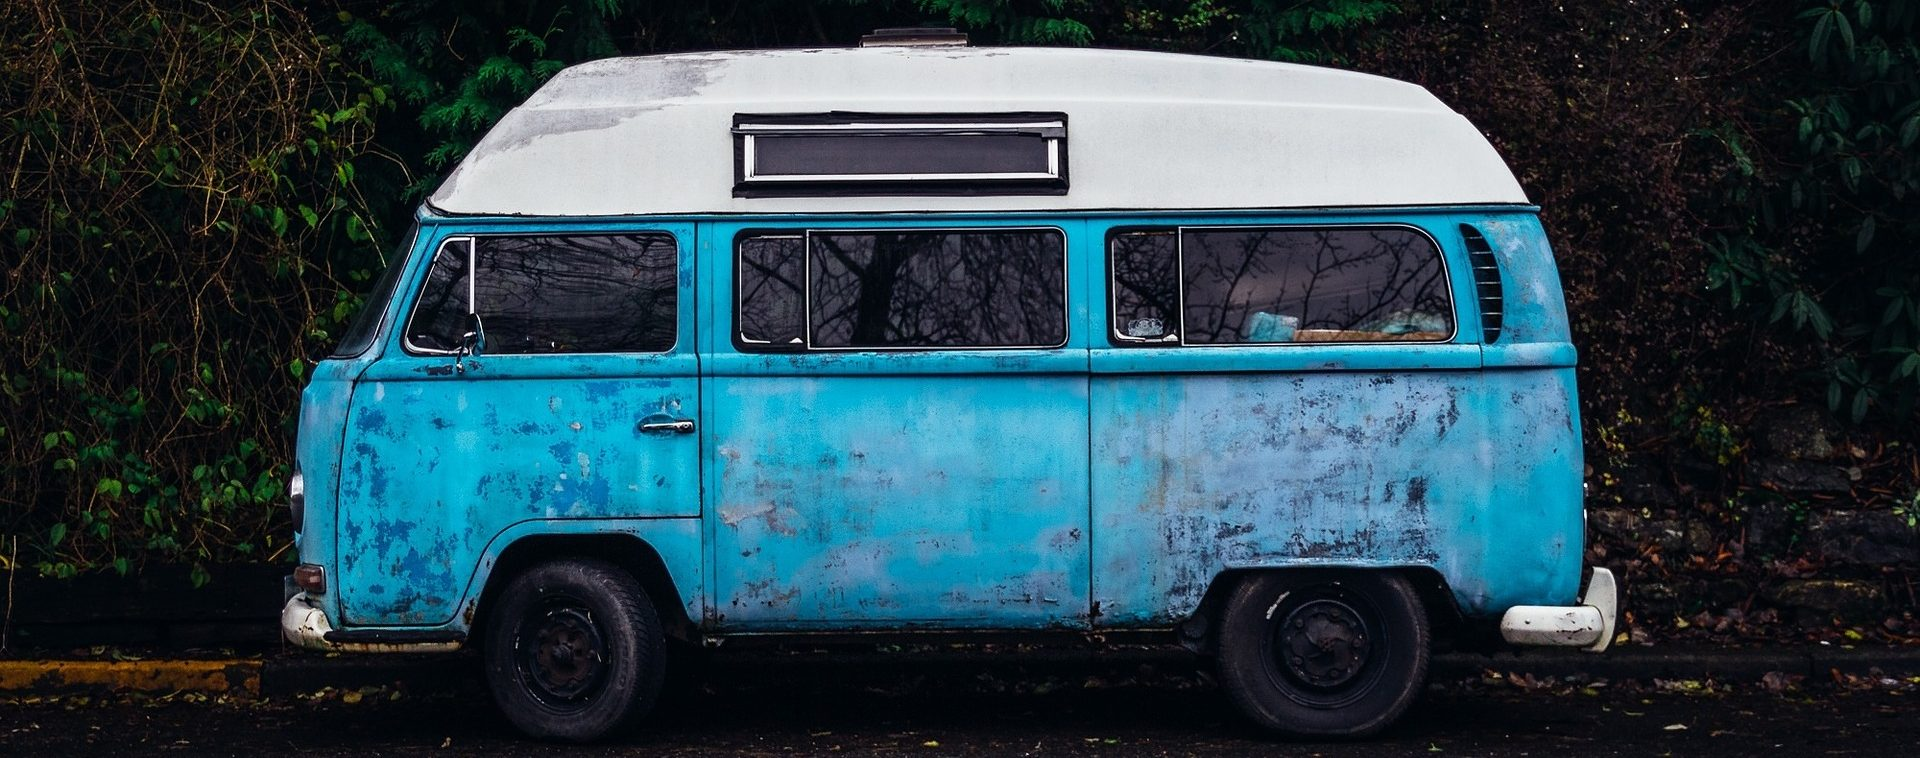 old van